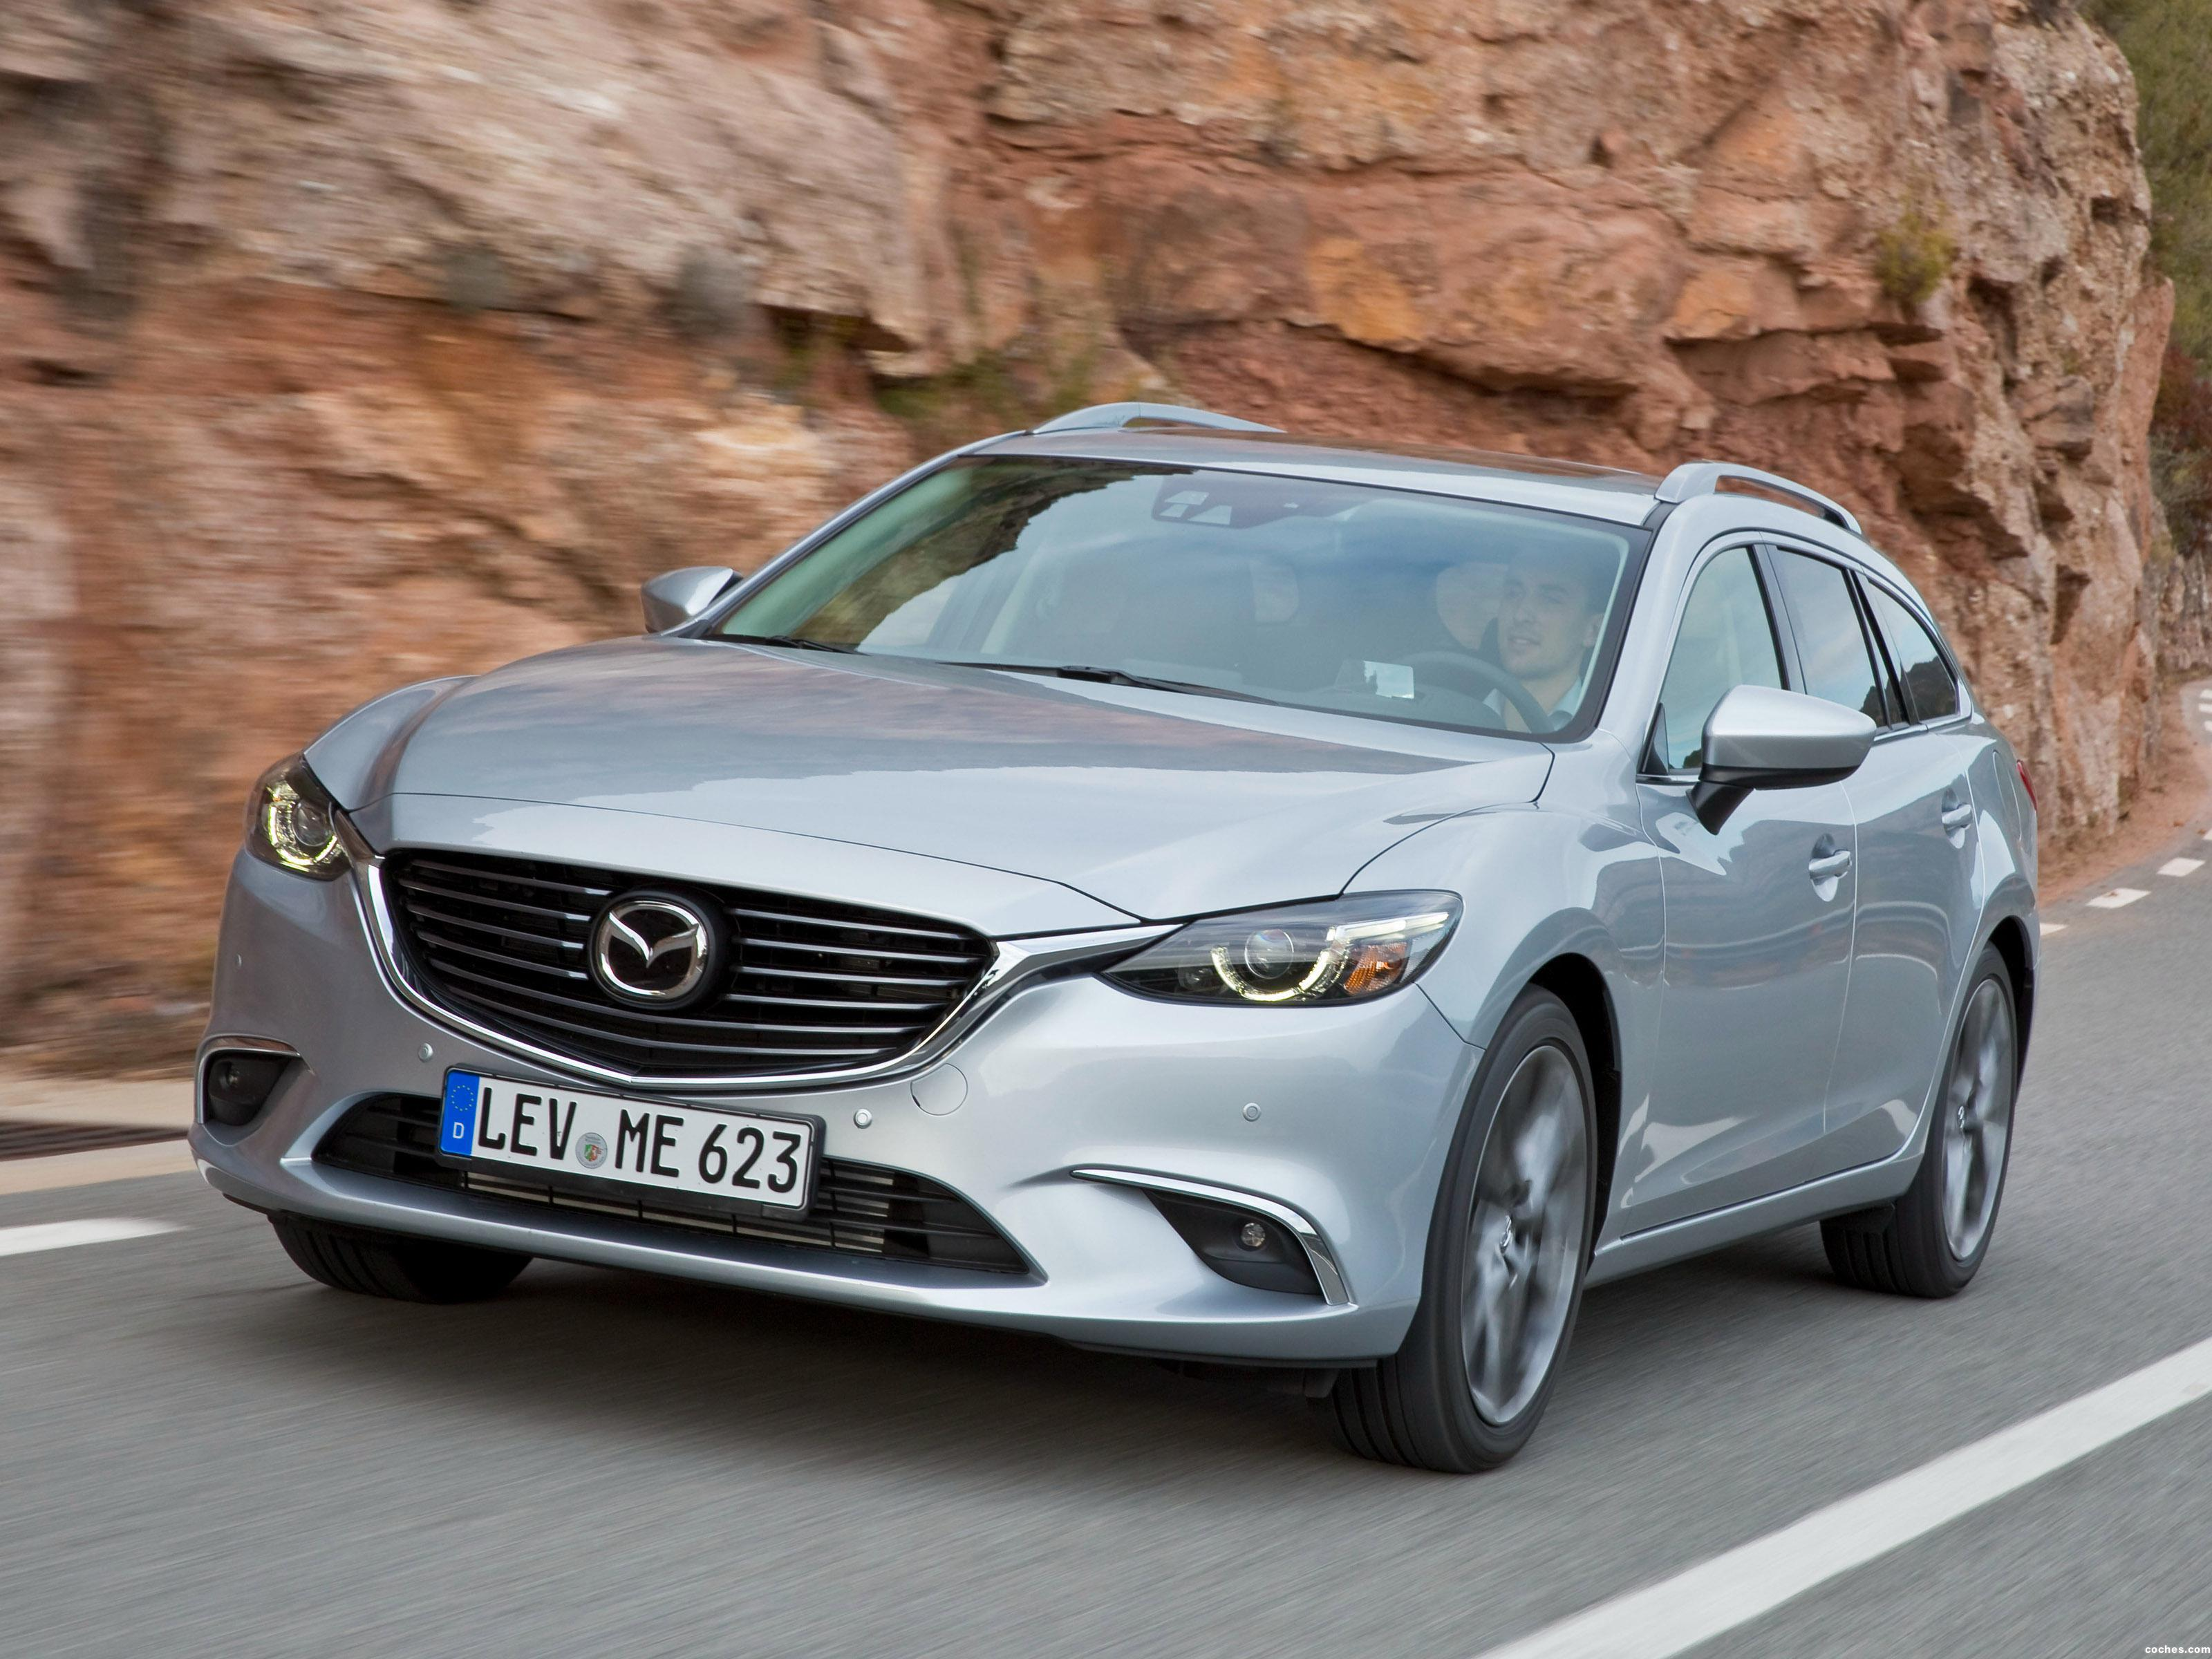 Fotos de Mazda 6 Wagon 2015   Foto 6